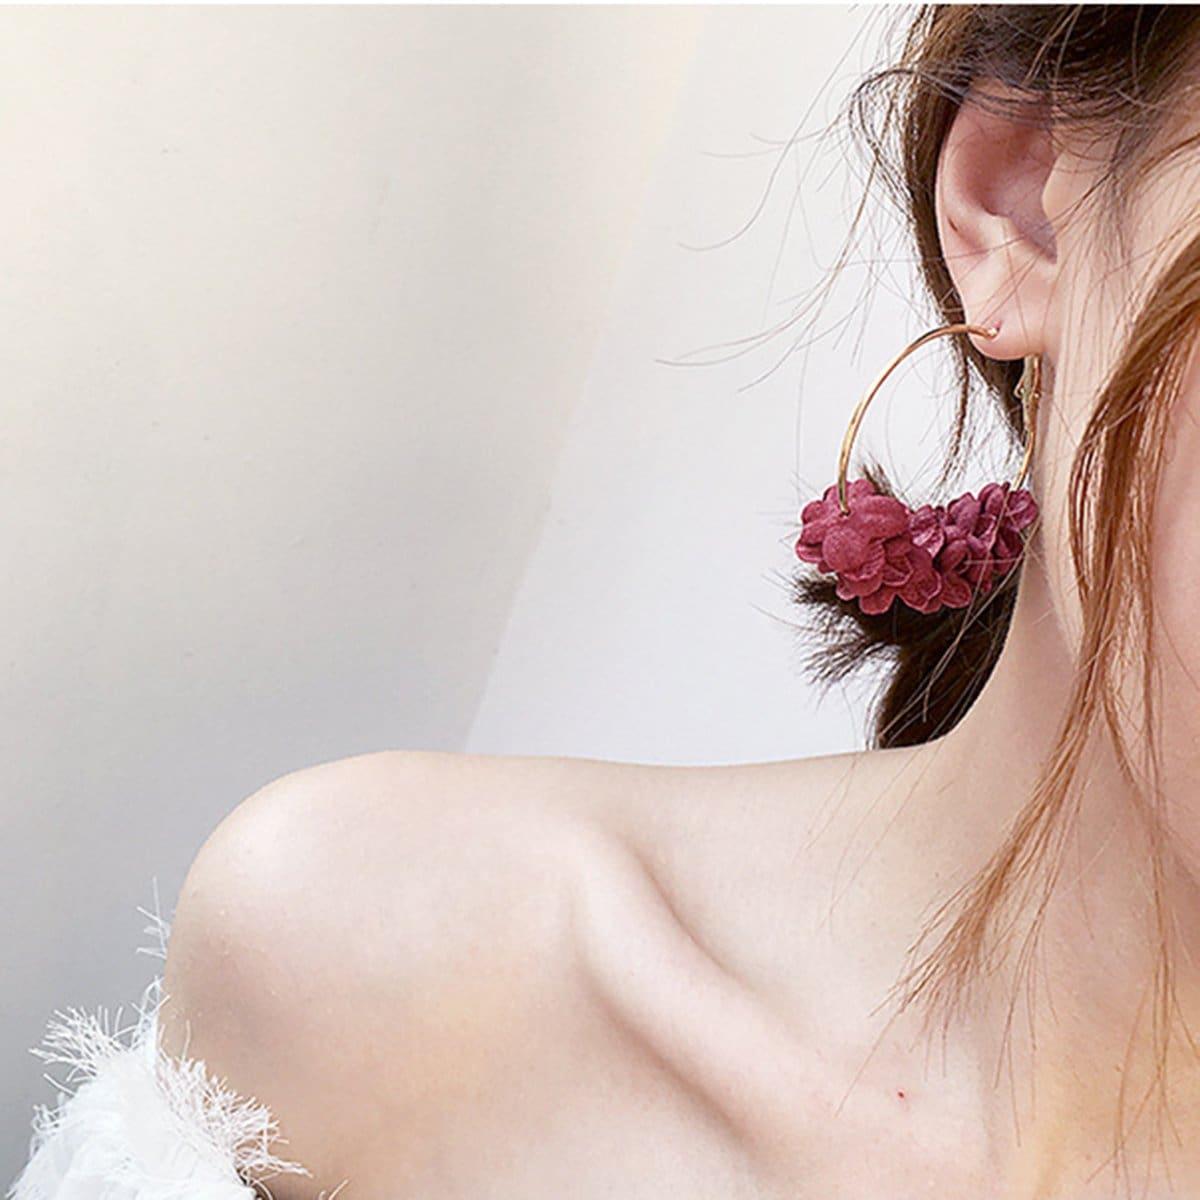 Обруч серьги с цветочной гирляндой фото